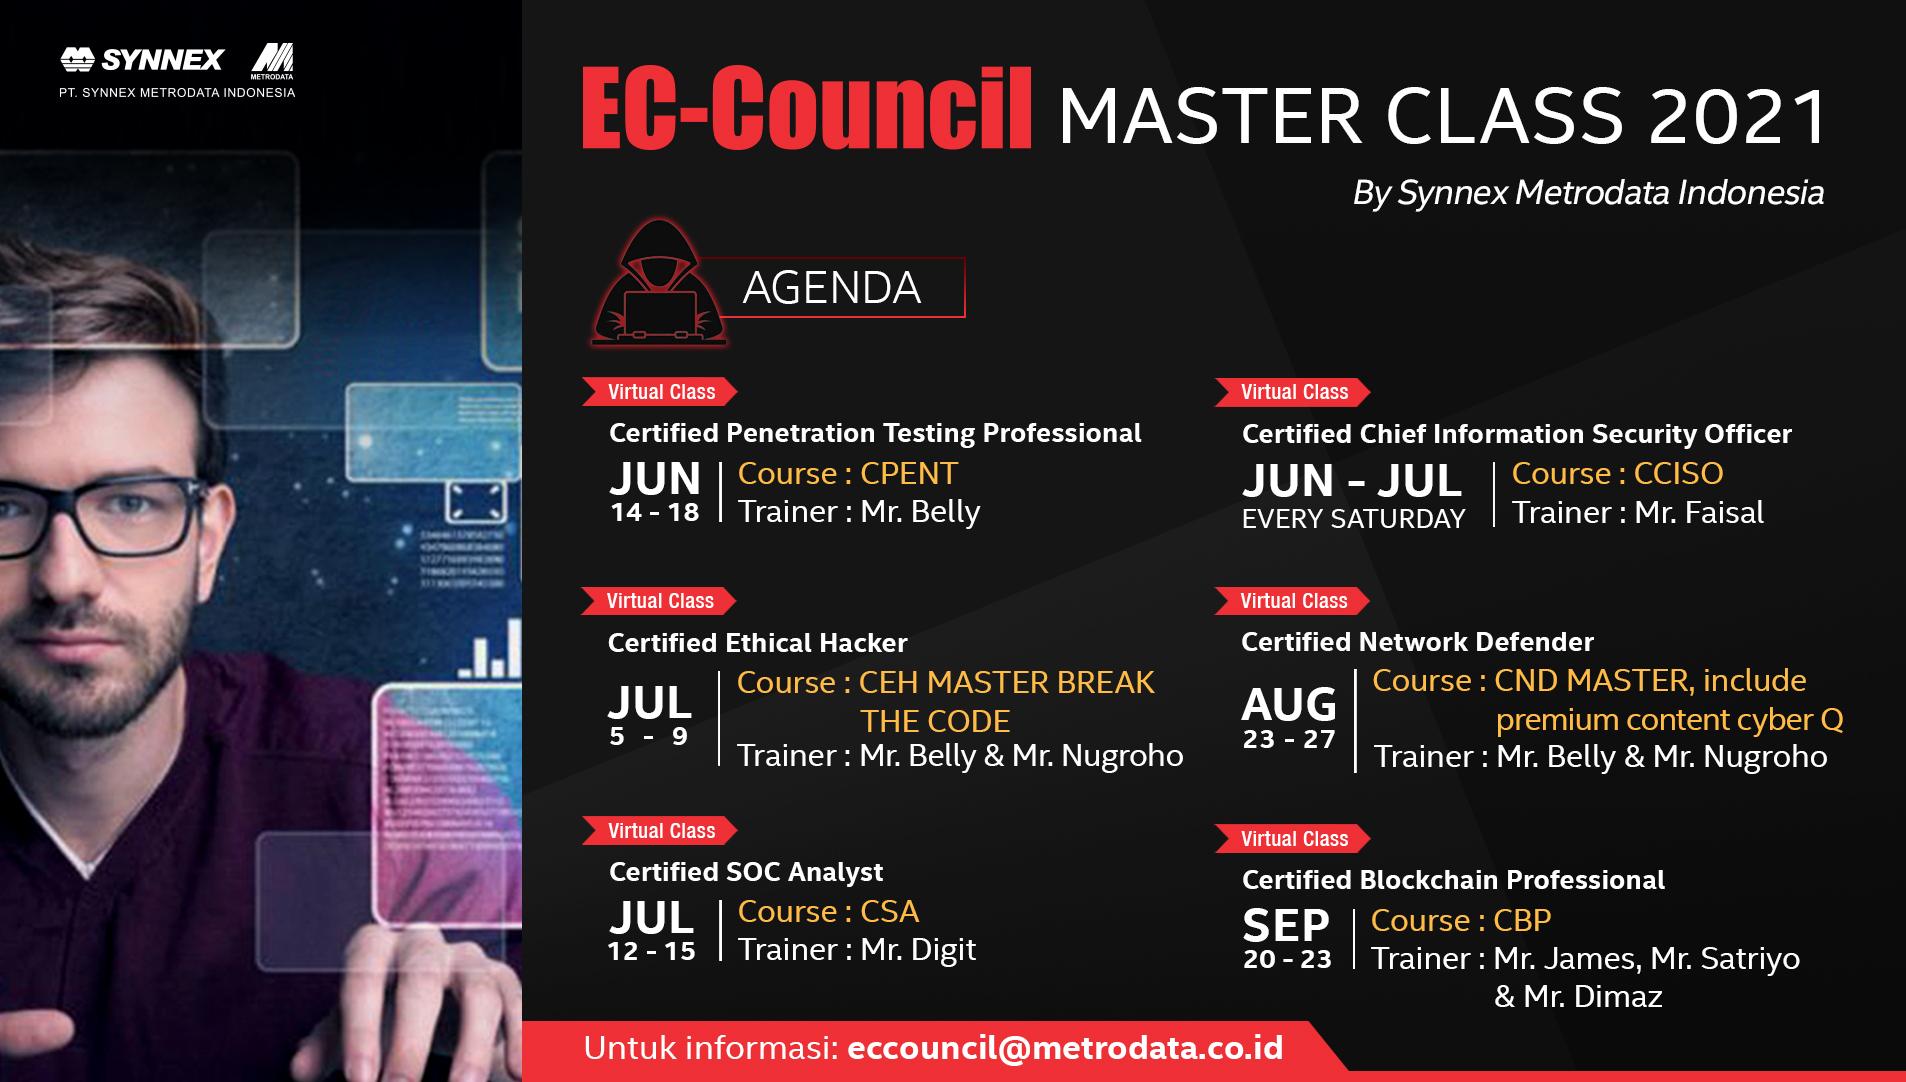 https://www.synnexmetrodata.com/wp-content/uploads/2021/05/EC-Council-Master-Class-2021.jpg